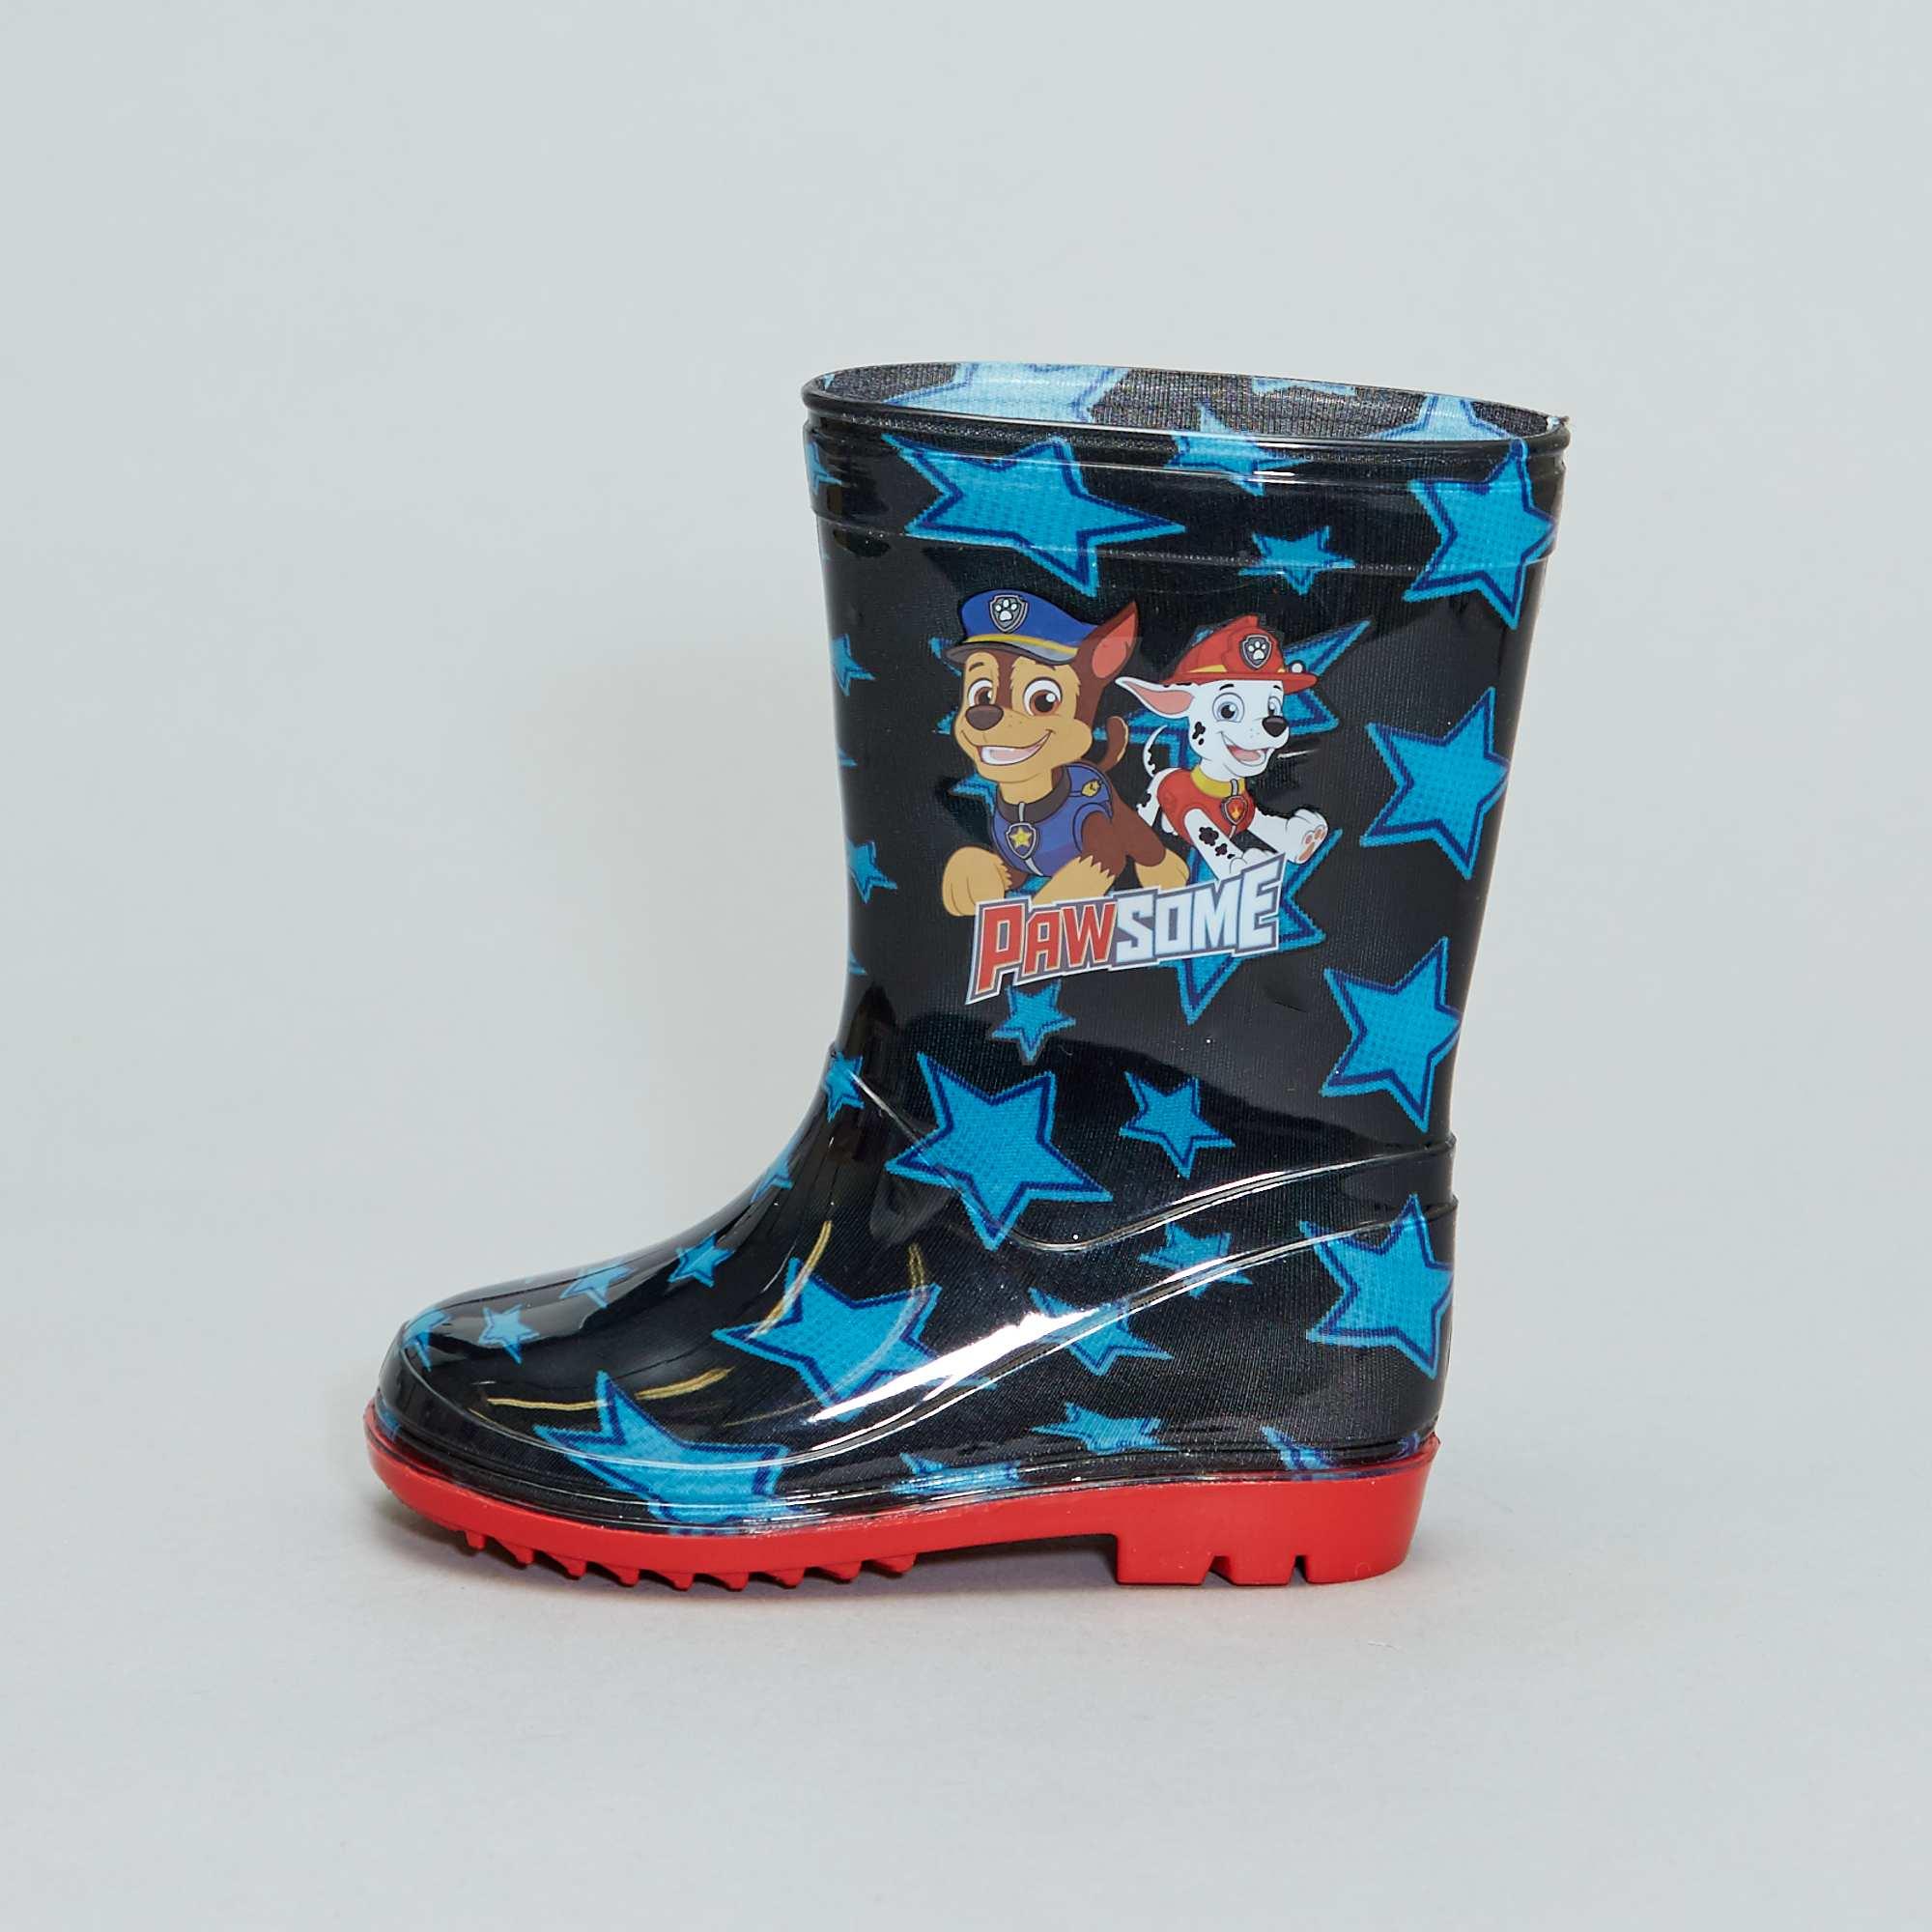 a3e0a071e76 Botas de agua  La Patrulla Canina  Zapatos - azul - Kiabi - 15